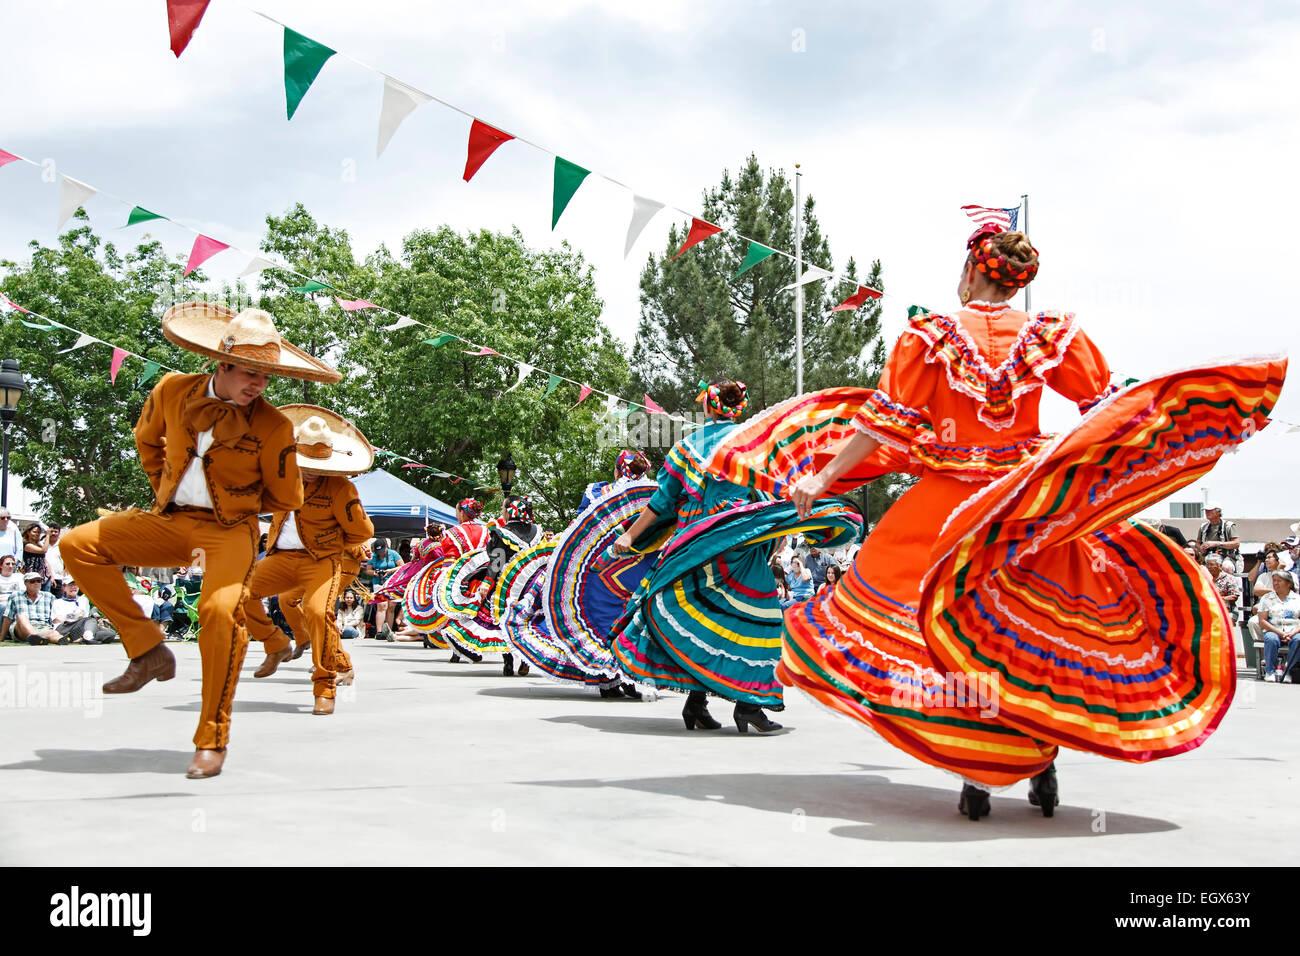 eced0e60ec8c43 Mexican dancers